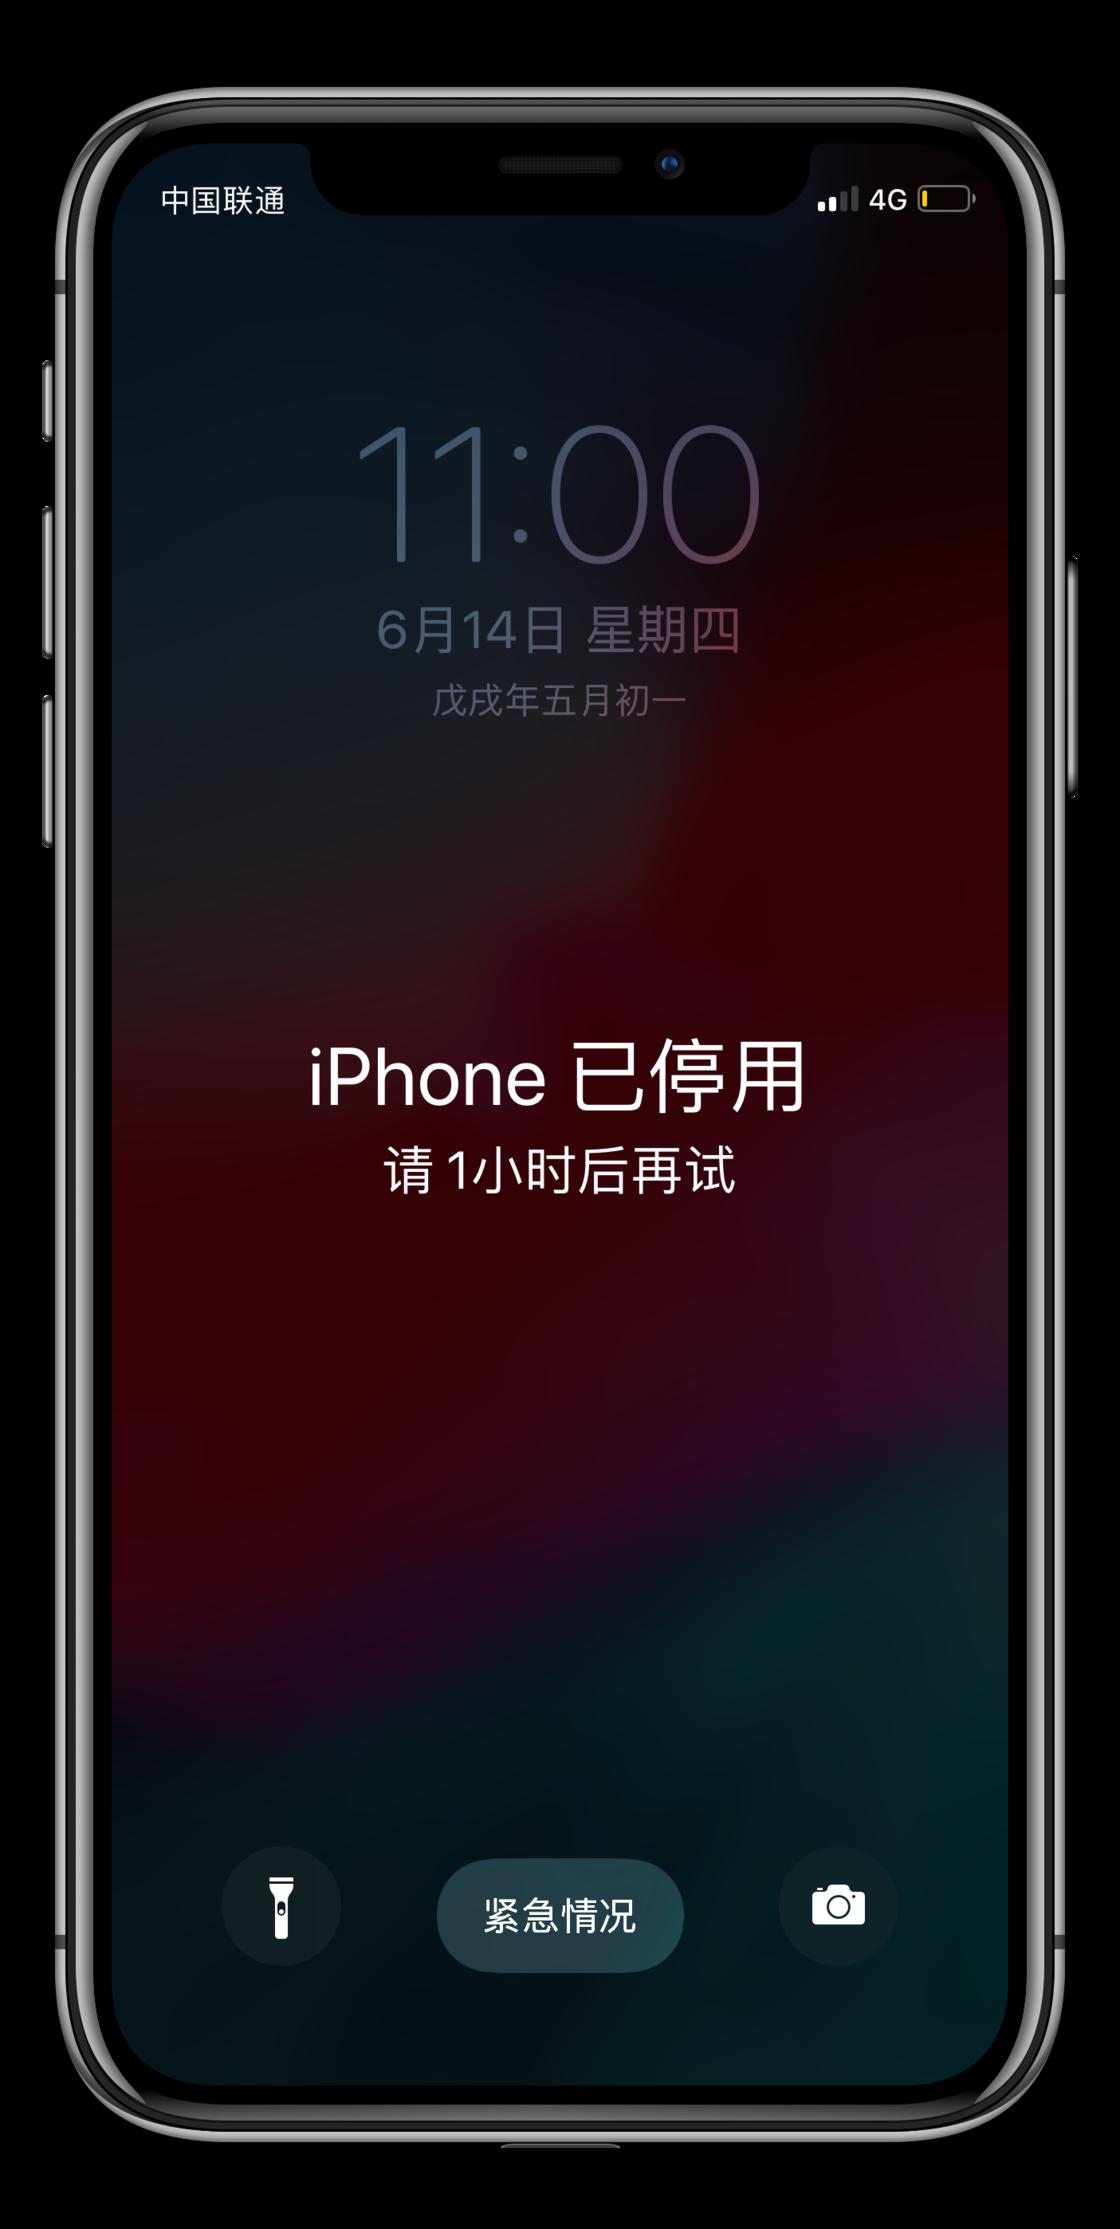 什么情况会触发 iPhone 自动抹掉数据的机制?